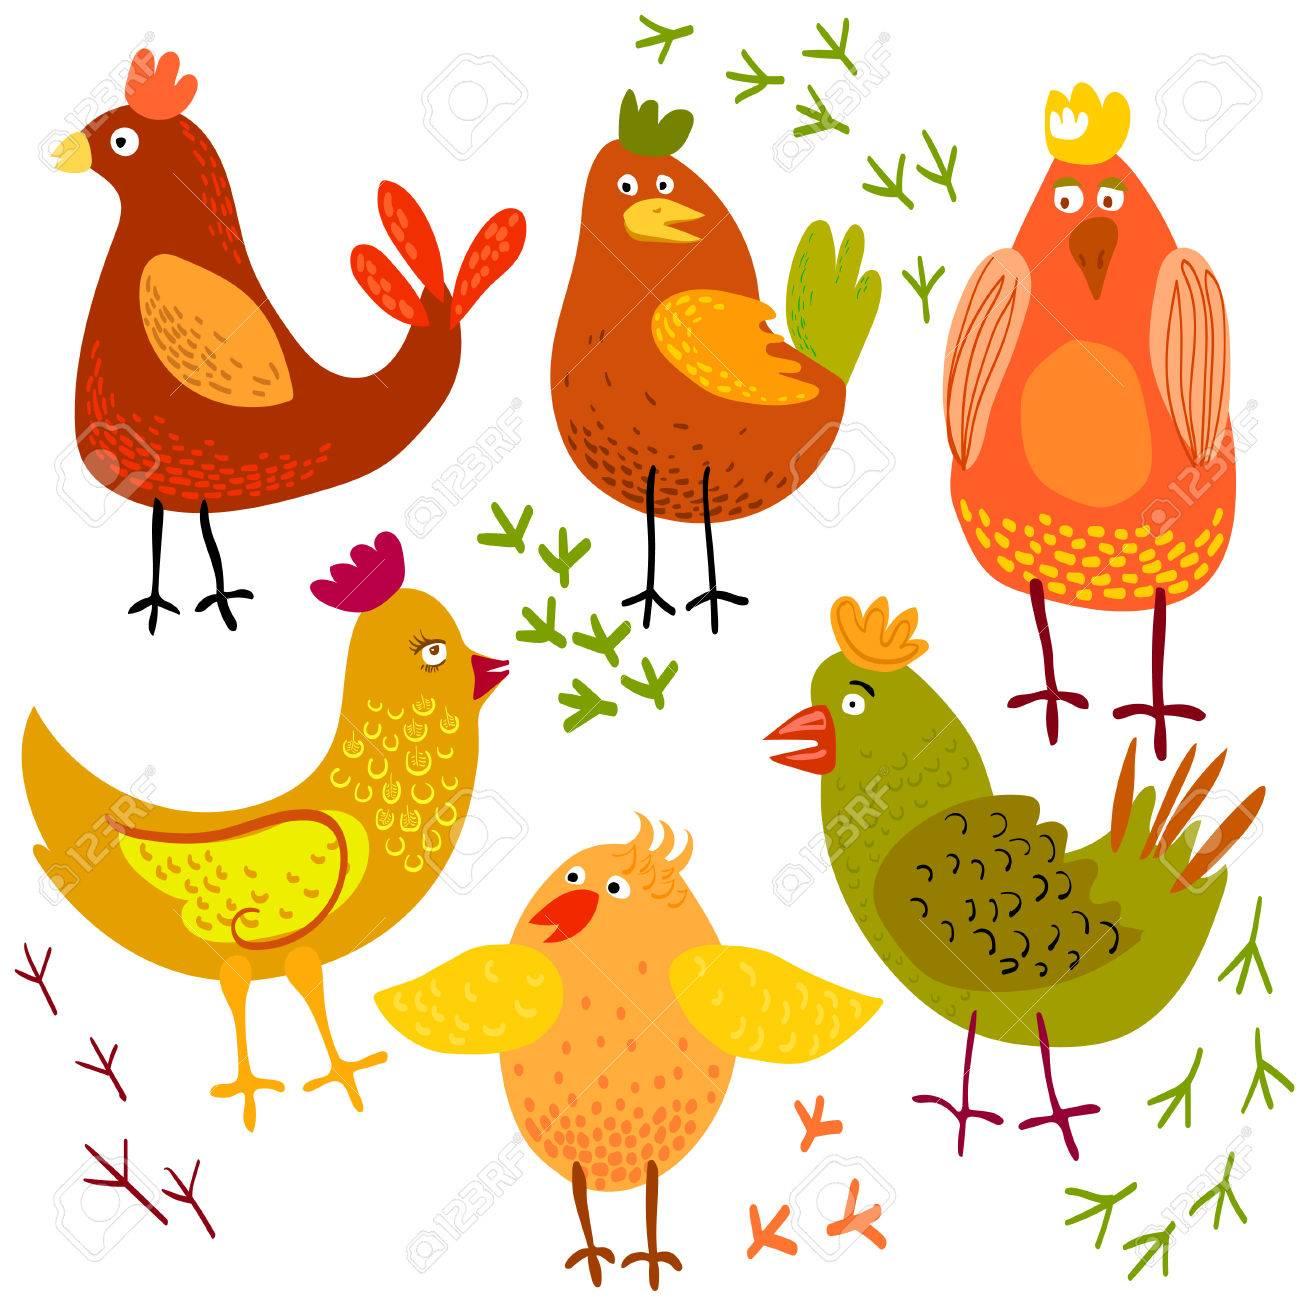 かわいい漫画鶏のベクター イラストです。鳥の背景に分離されました